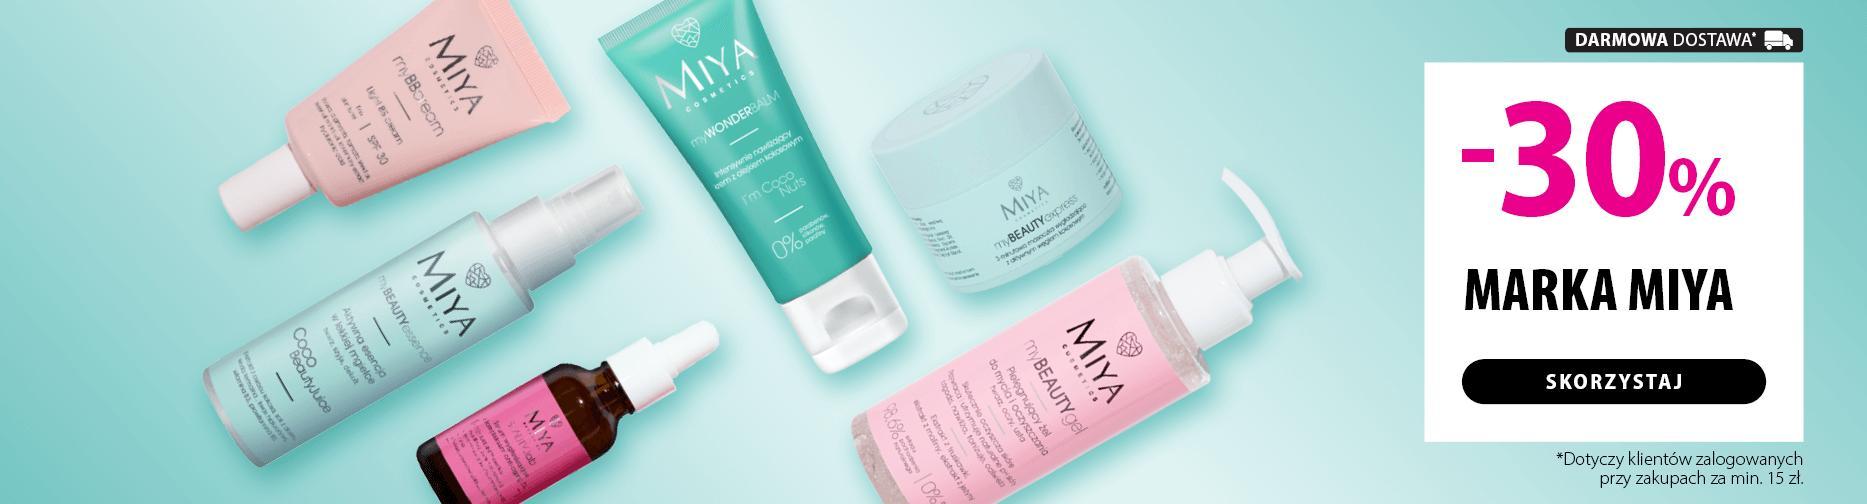 Hebe: 30% zniżki na kosmetyki marki Miya